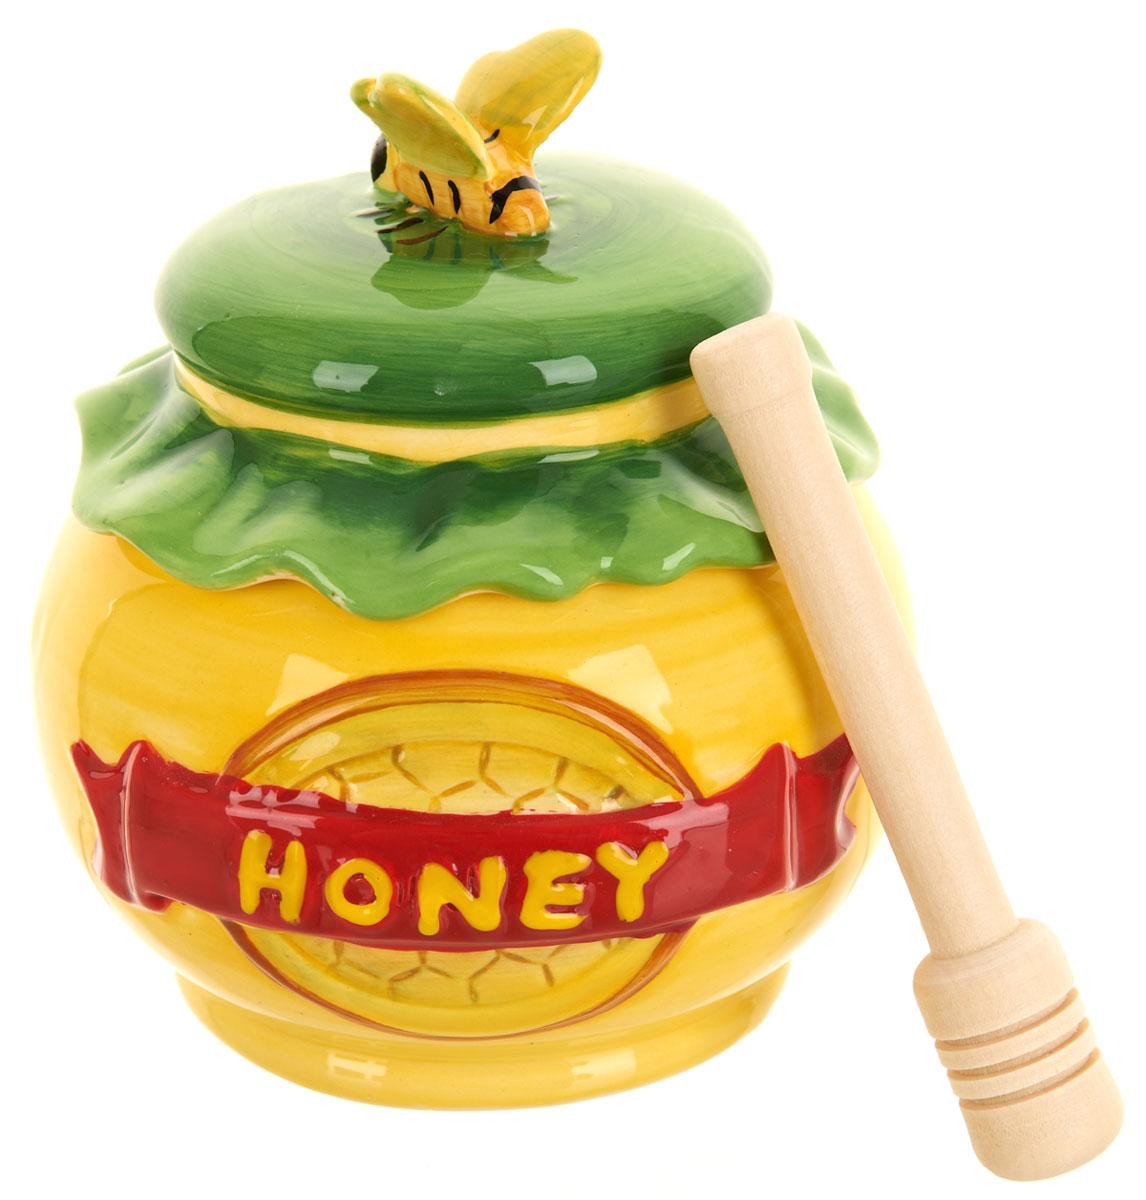 Банка для меда ENS Group Honey, с ложкой, 280 мл115510Банка для меда ENS Group Honey, выполненная из высококачественной керамики, украсит вашу кухню. Банка оснащена плотно закрывающейся крышкой. В комплект входит специальная деревянная ложечка.